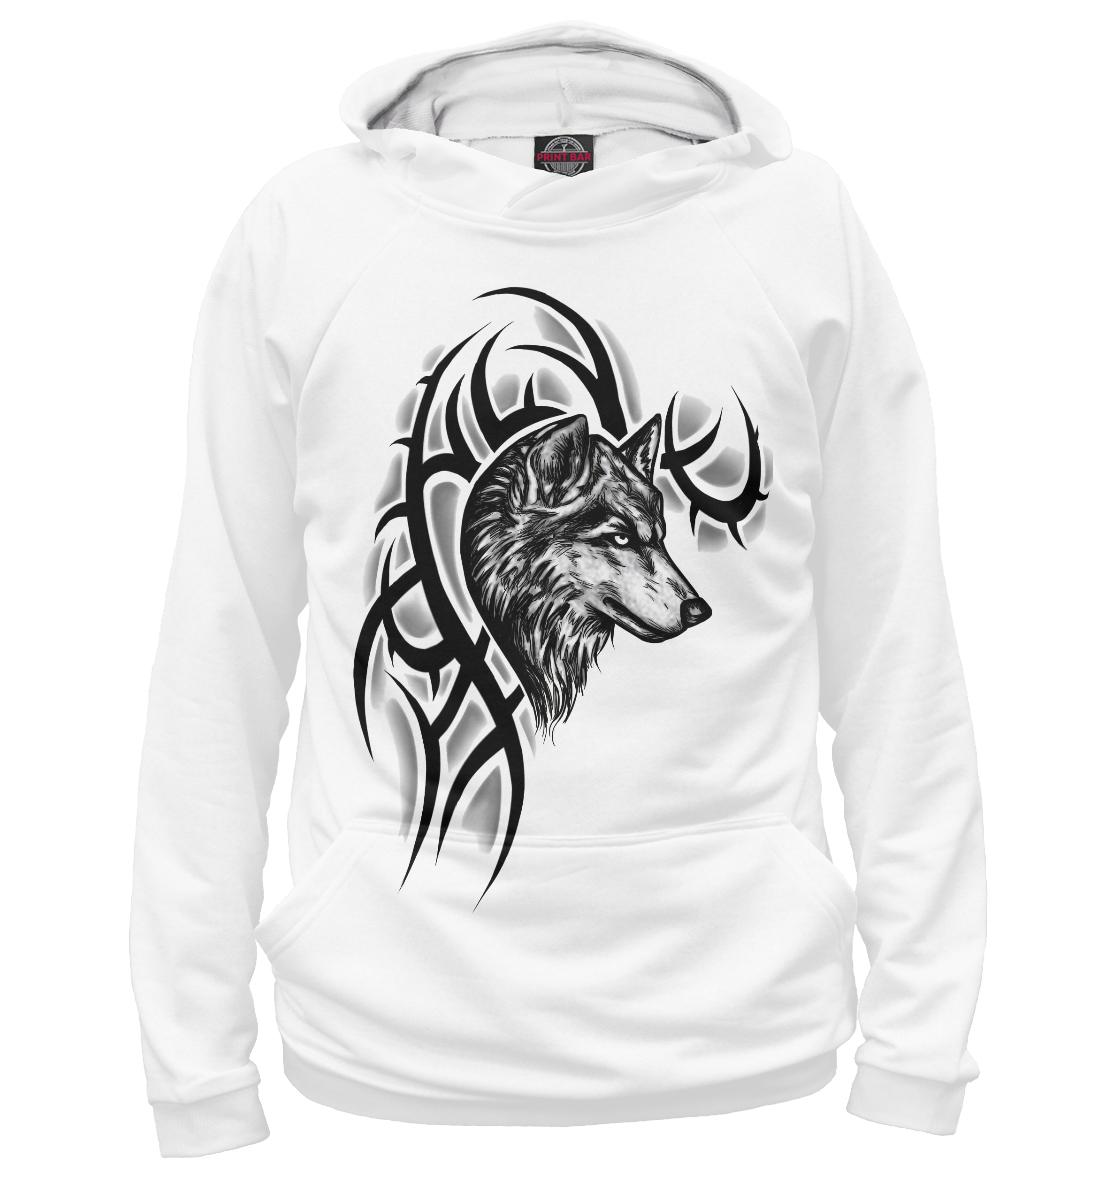 Купить Волк, Printbar, Худи, VLF-876292-hud-2